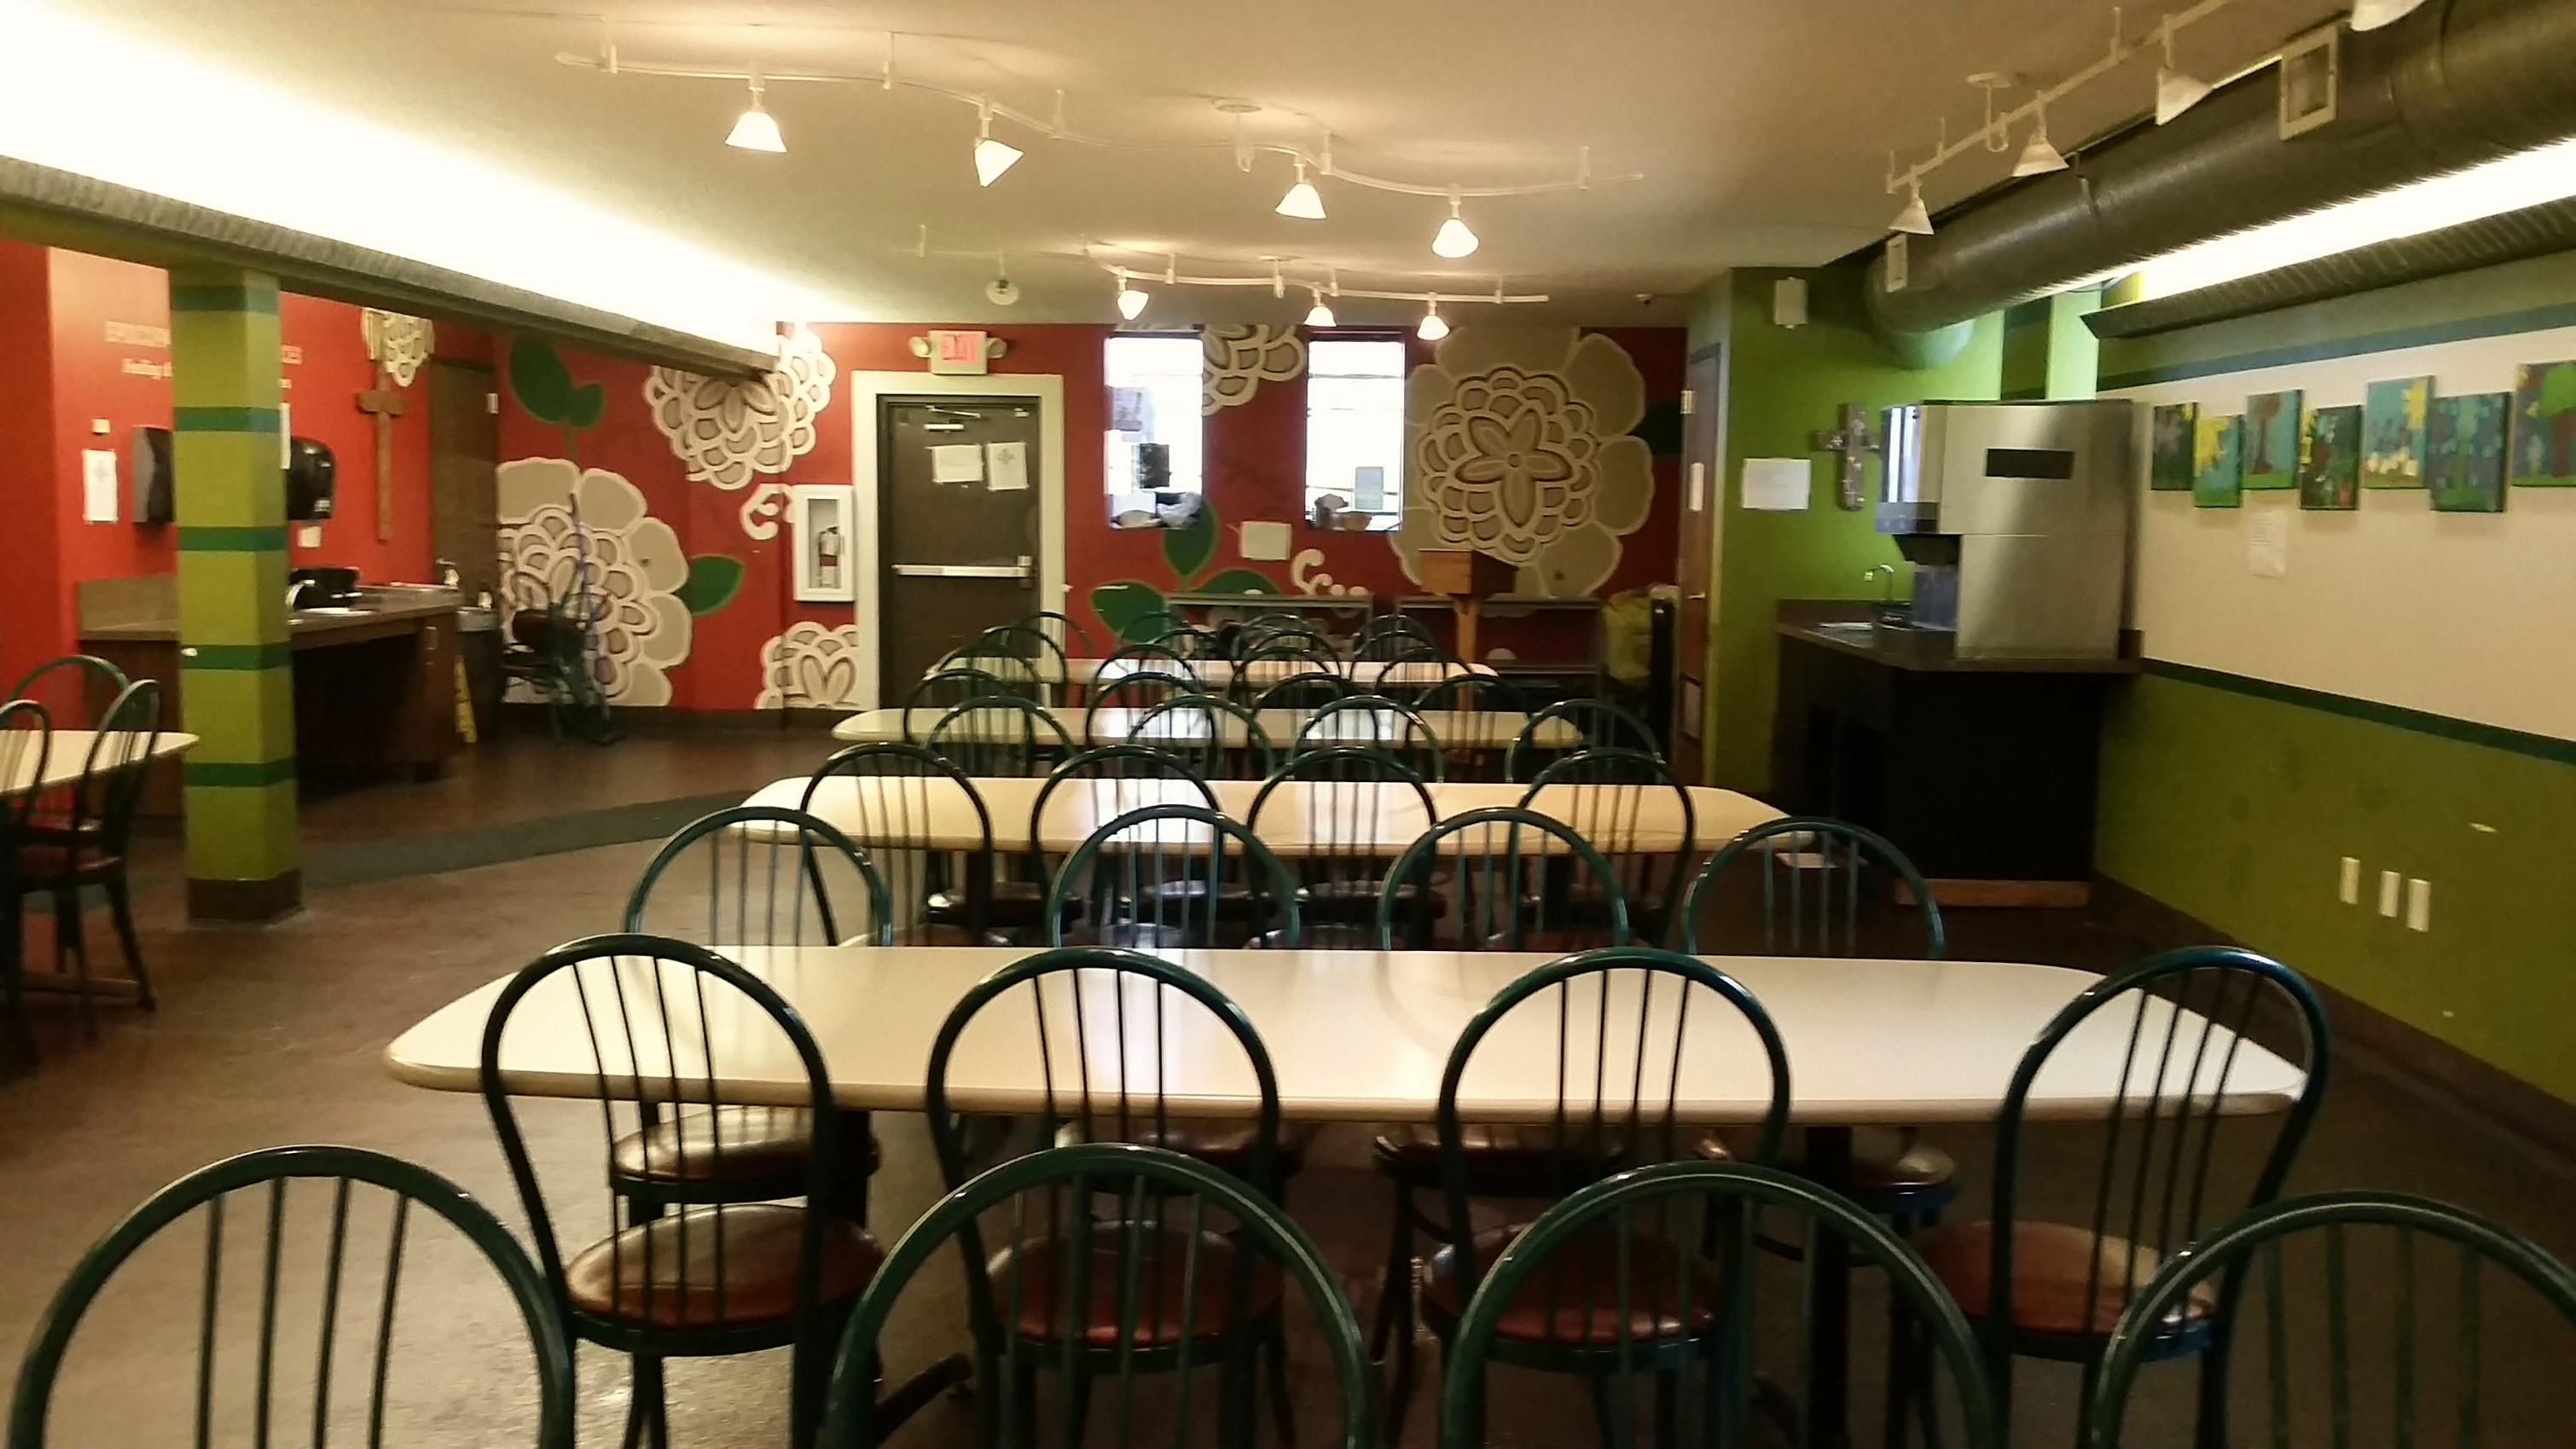 Kansas City Community Kitchen  NourishKC formerly